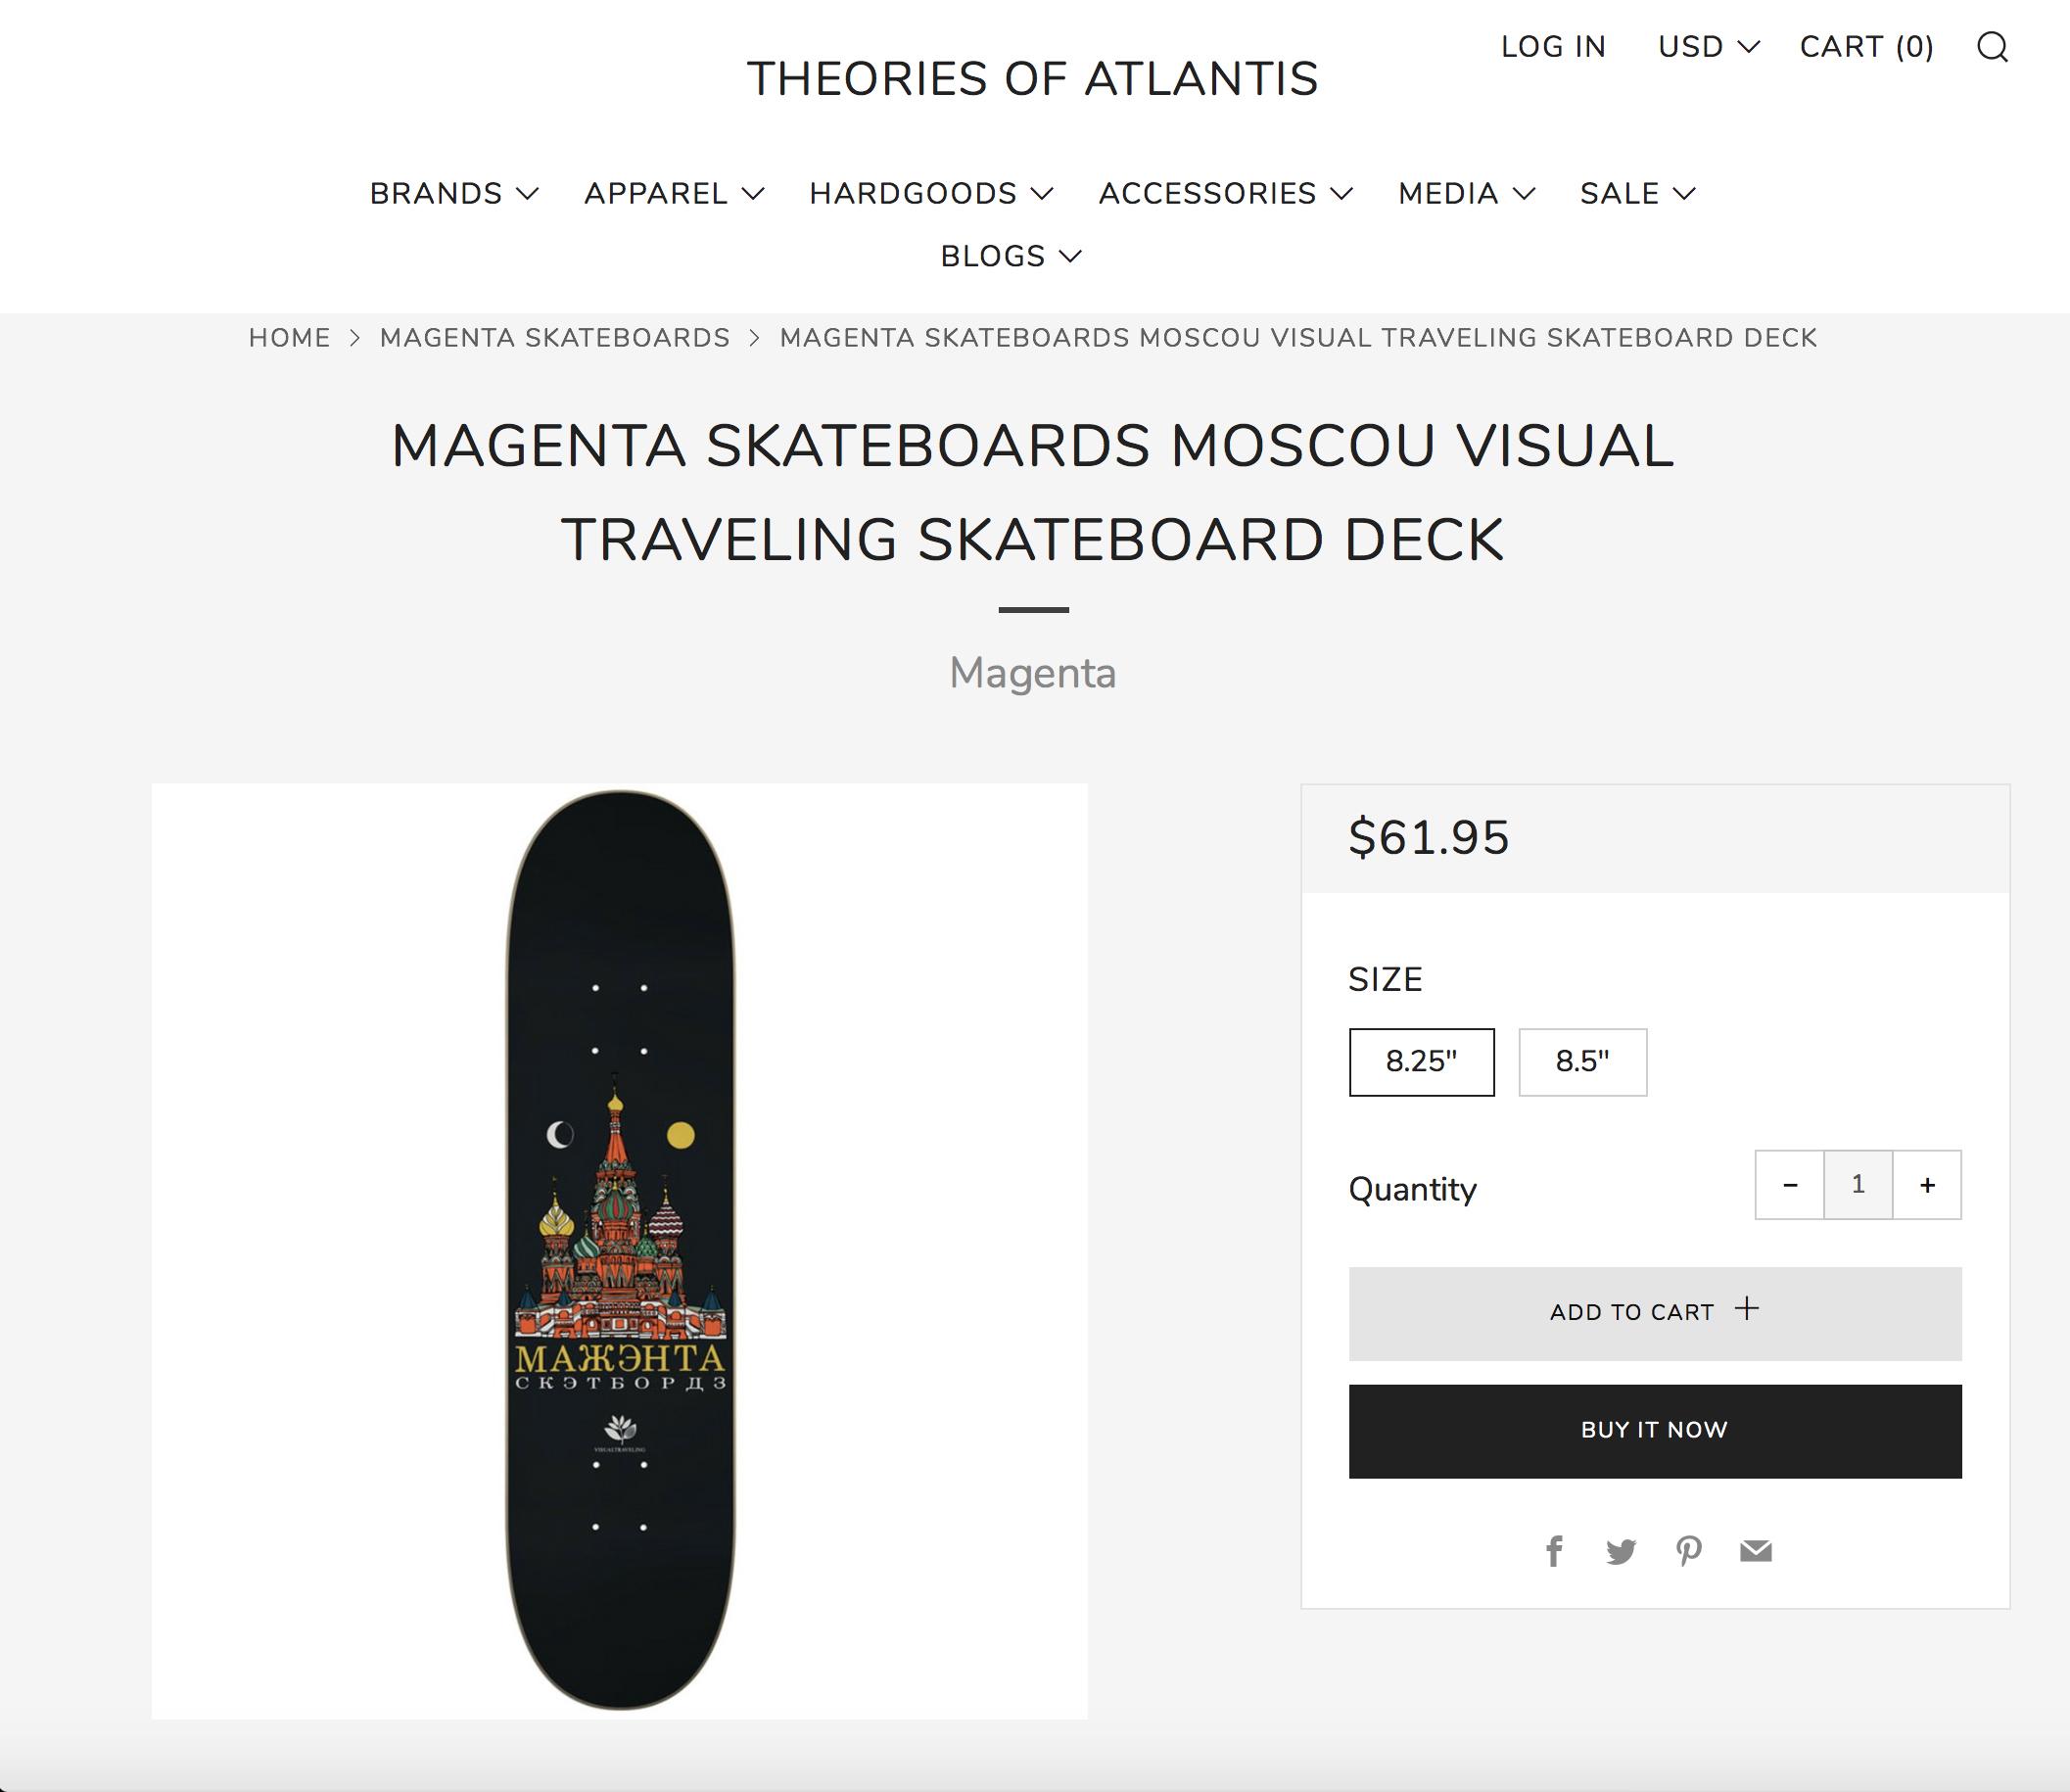 Theories Store Magenta